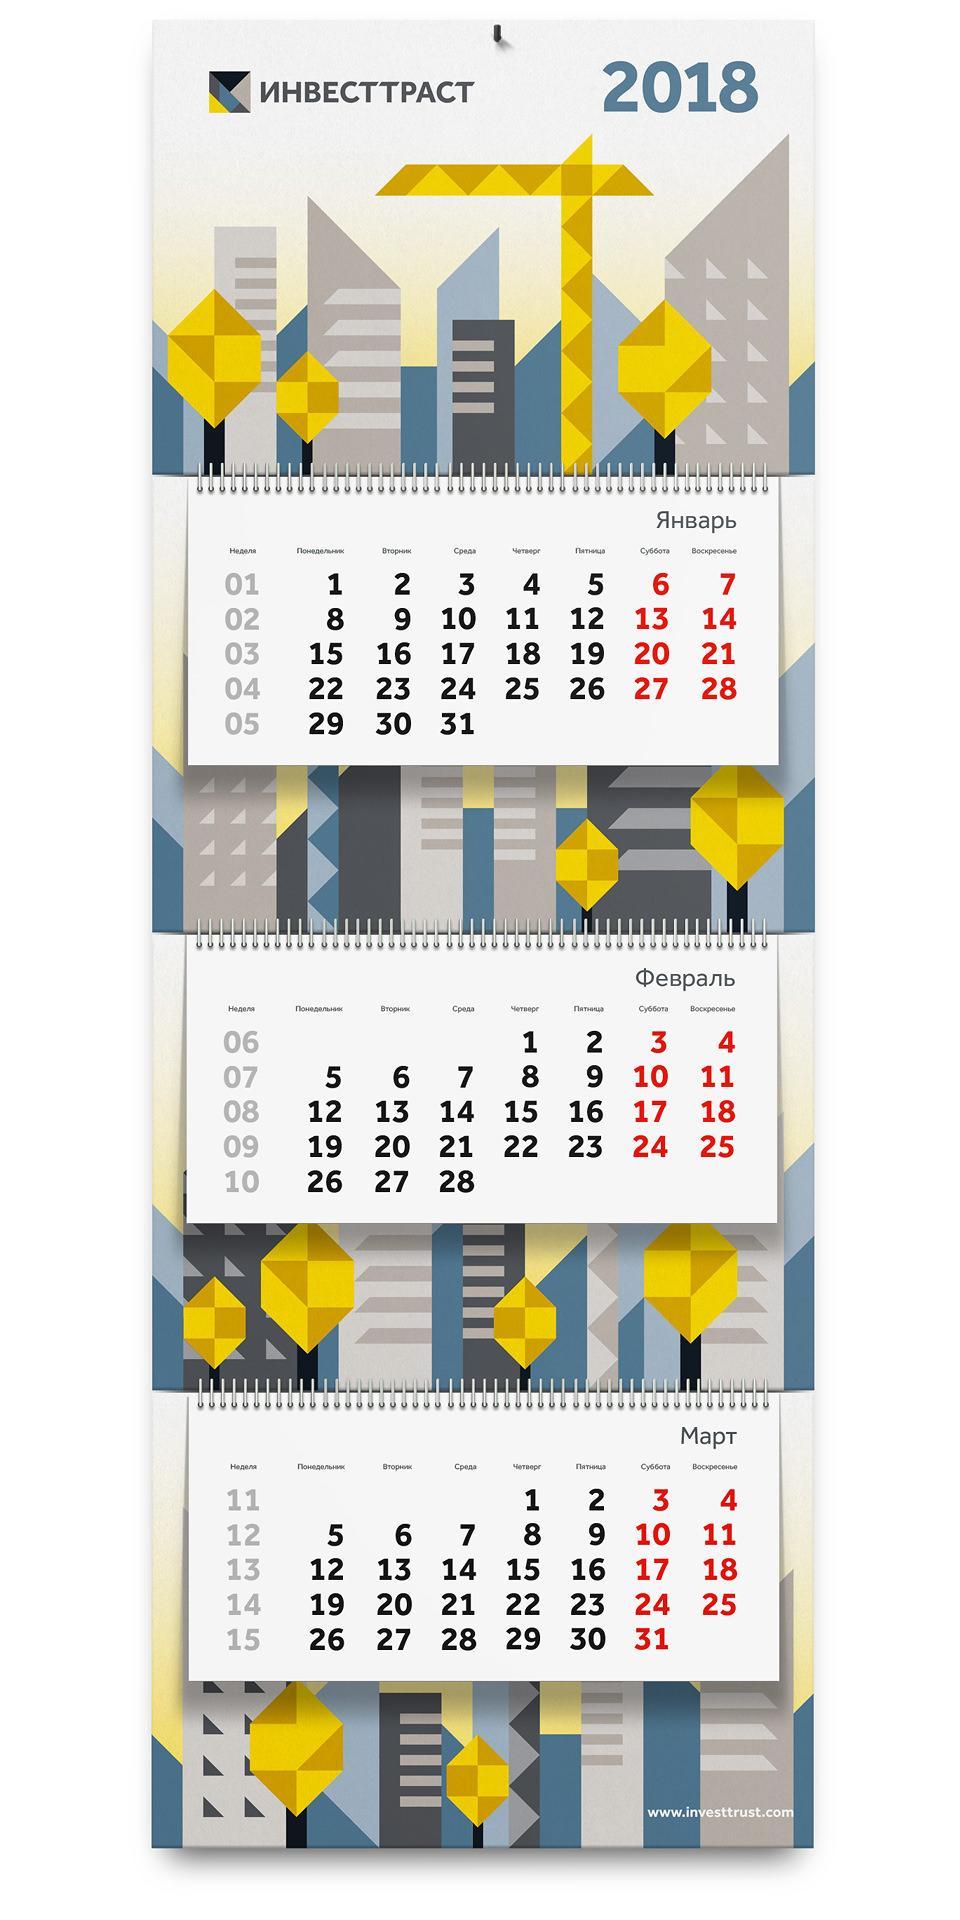 Квартальный календарь Инвесттраста на 2018 год.